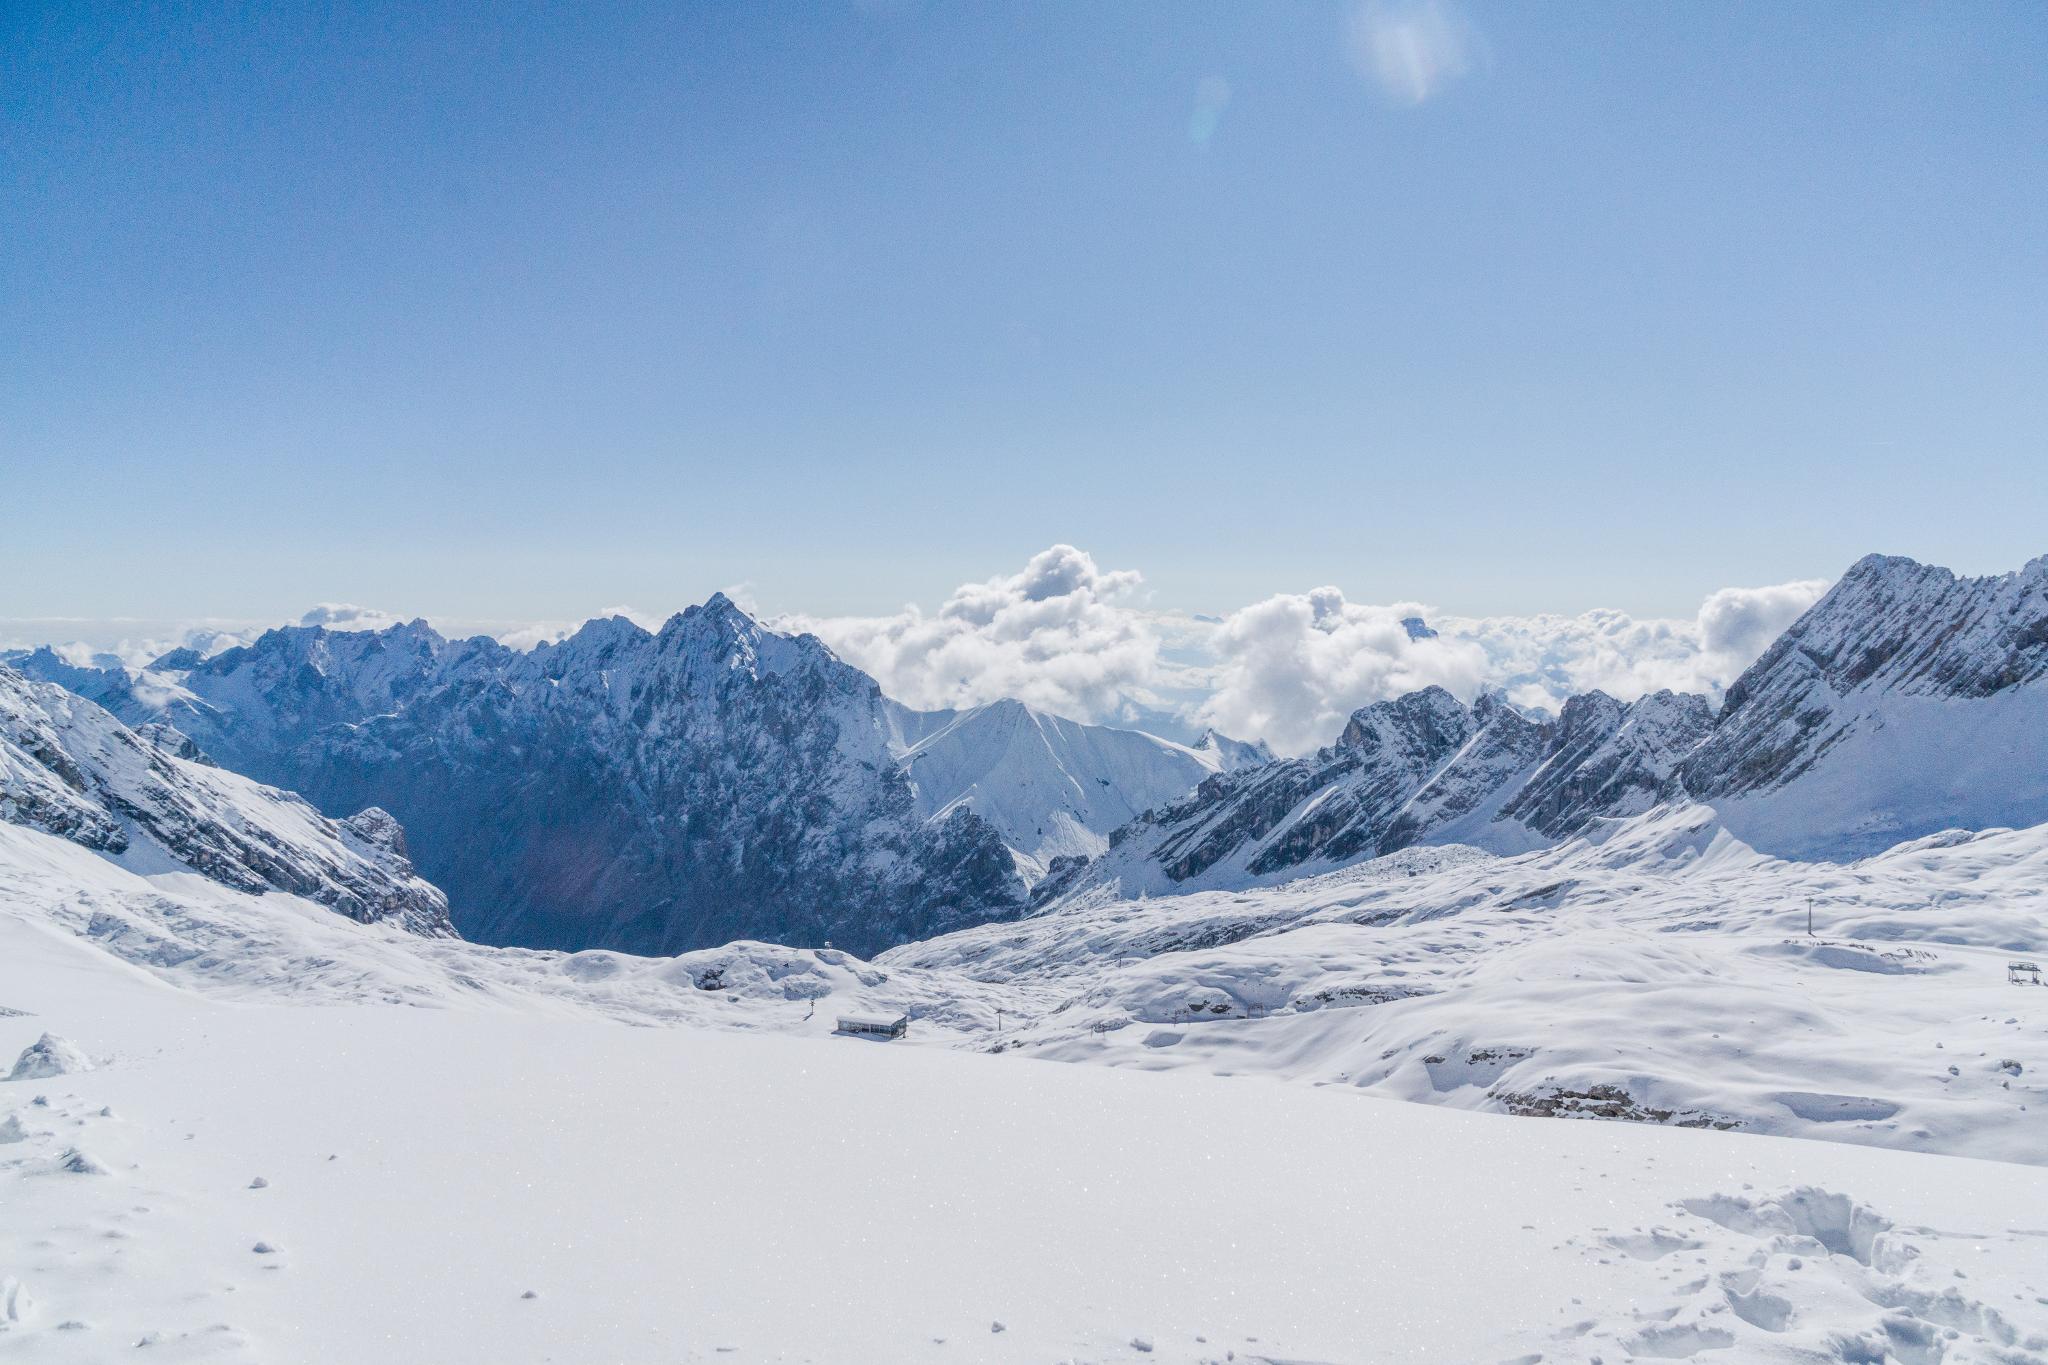 【德國】阿爾卑斯大道:楚格峰 (Zugspitze) 登上德國之巔 24